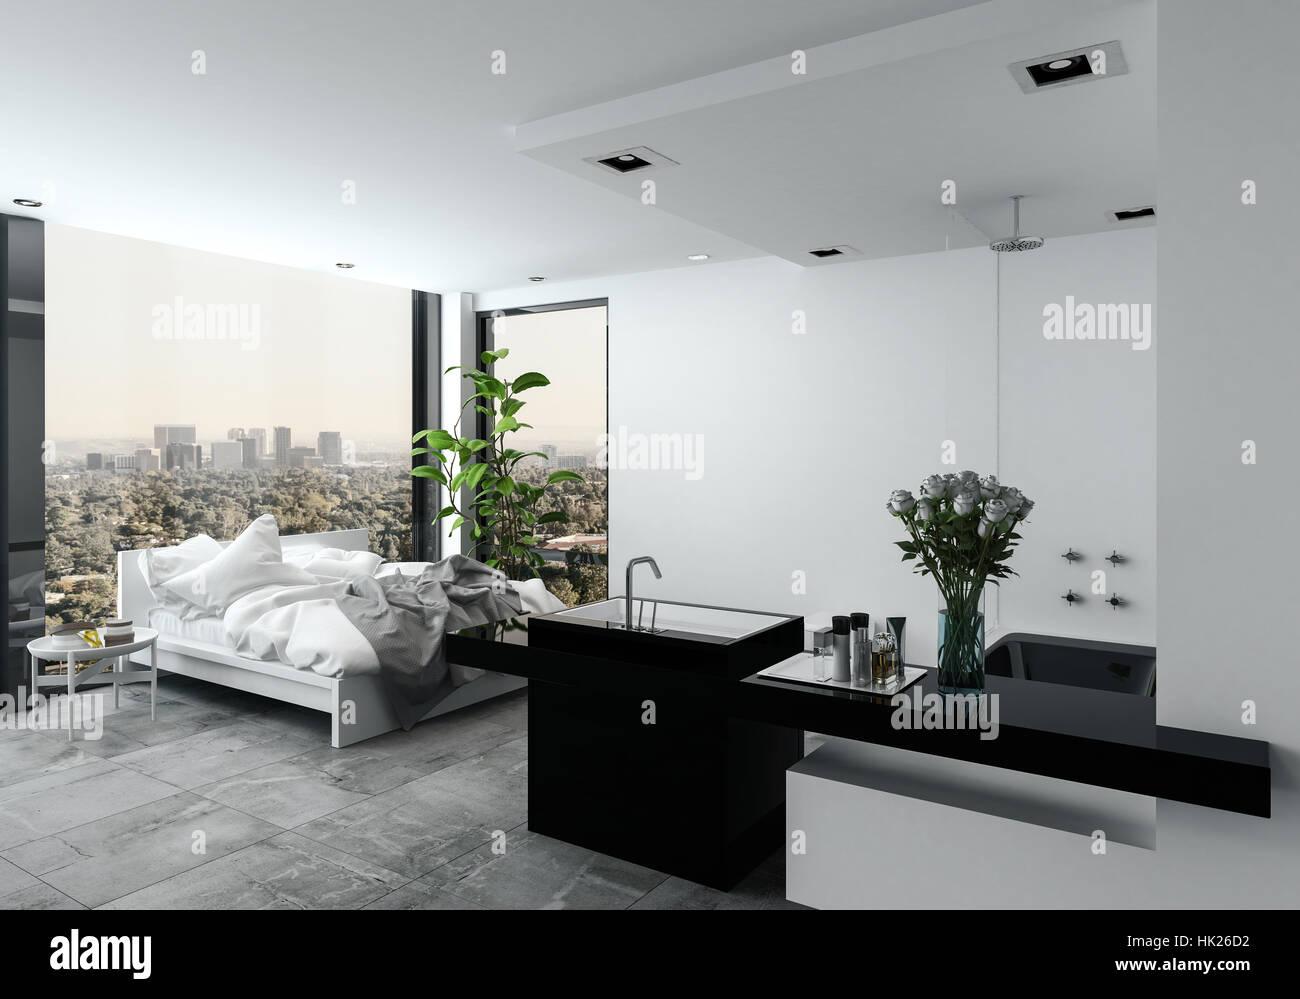 Offene Moderne Schlafzimmer Mit Bad In Einem Studio Mit Einem  Unordentlichen Ungemachten Bett Vor Fenster Mit Blick Auf Ein Stadtbild, 3d  Render